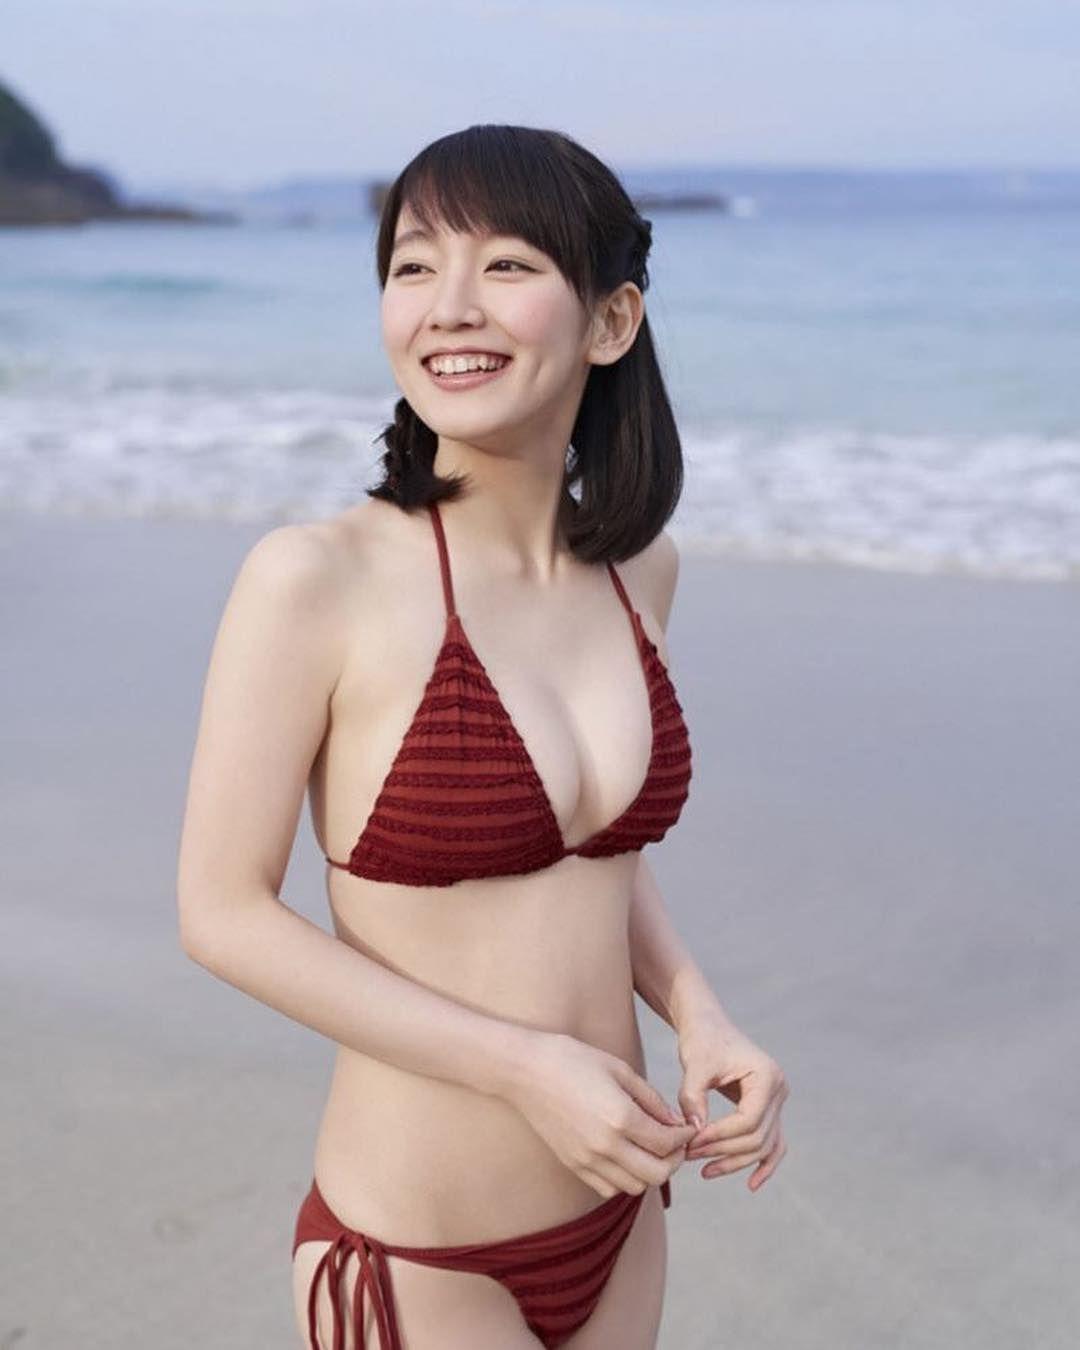 ボード 吉岡里帆さん のピン